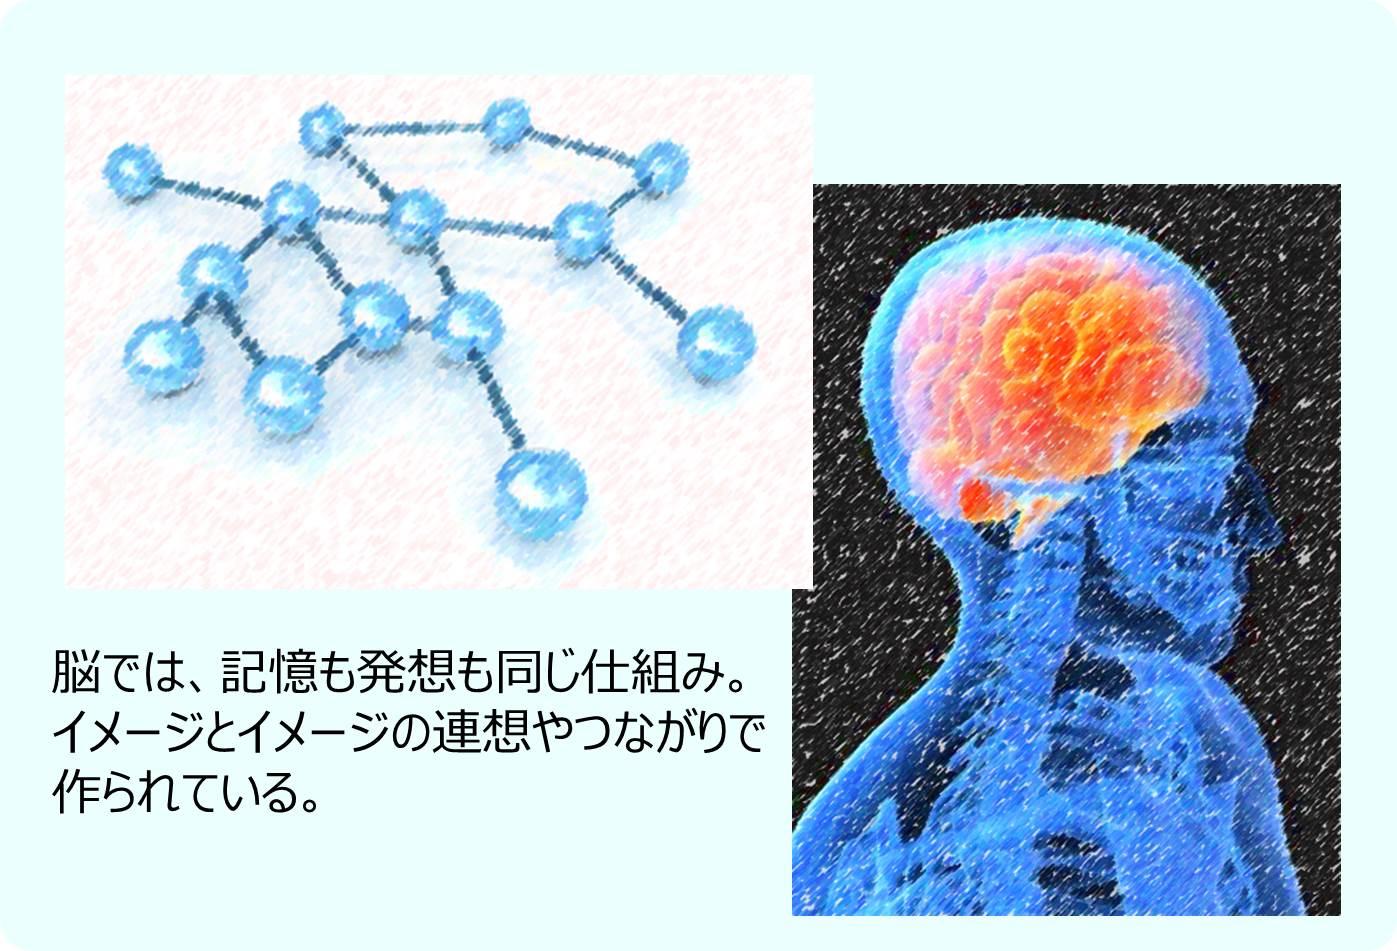 脳ではイメージとイメージの連想が鍵